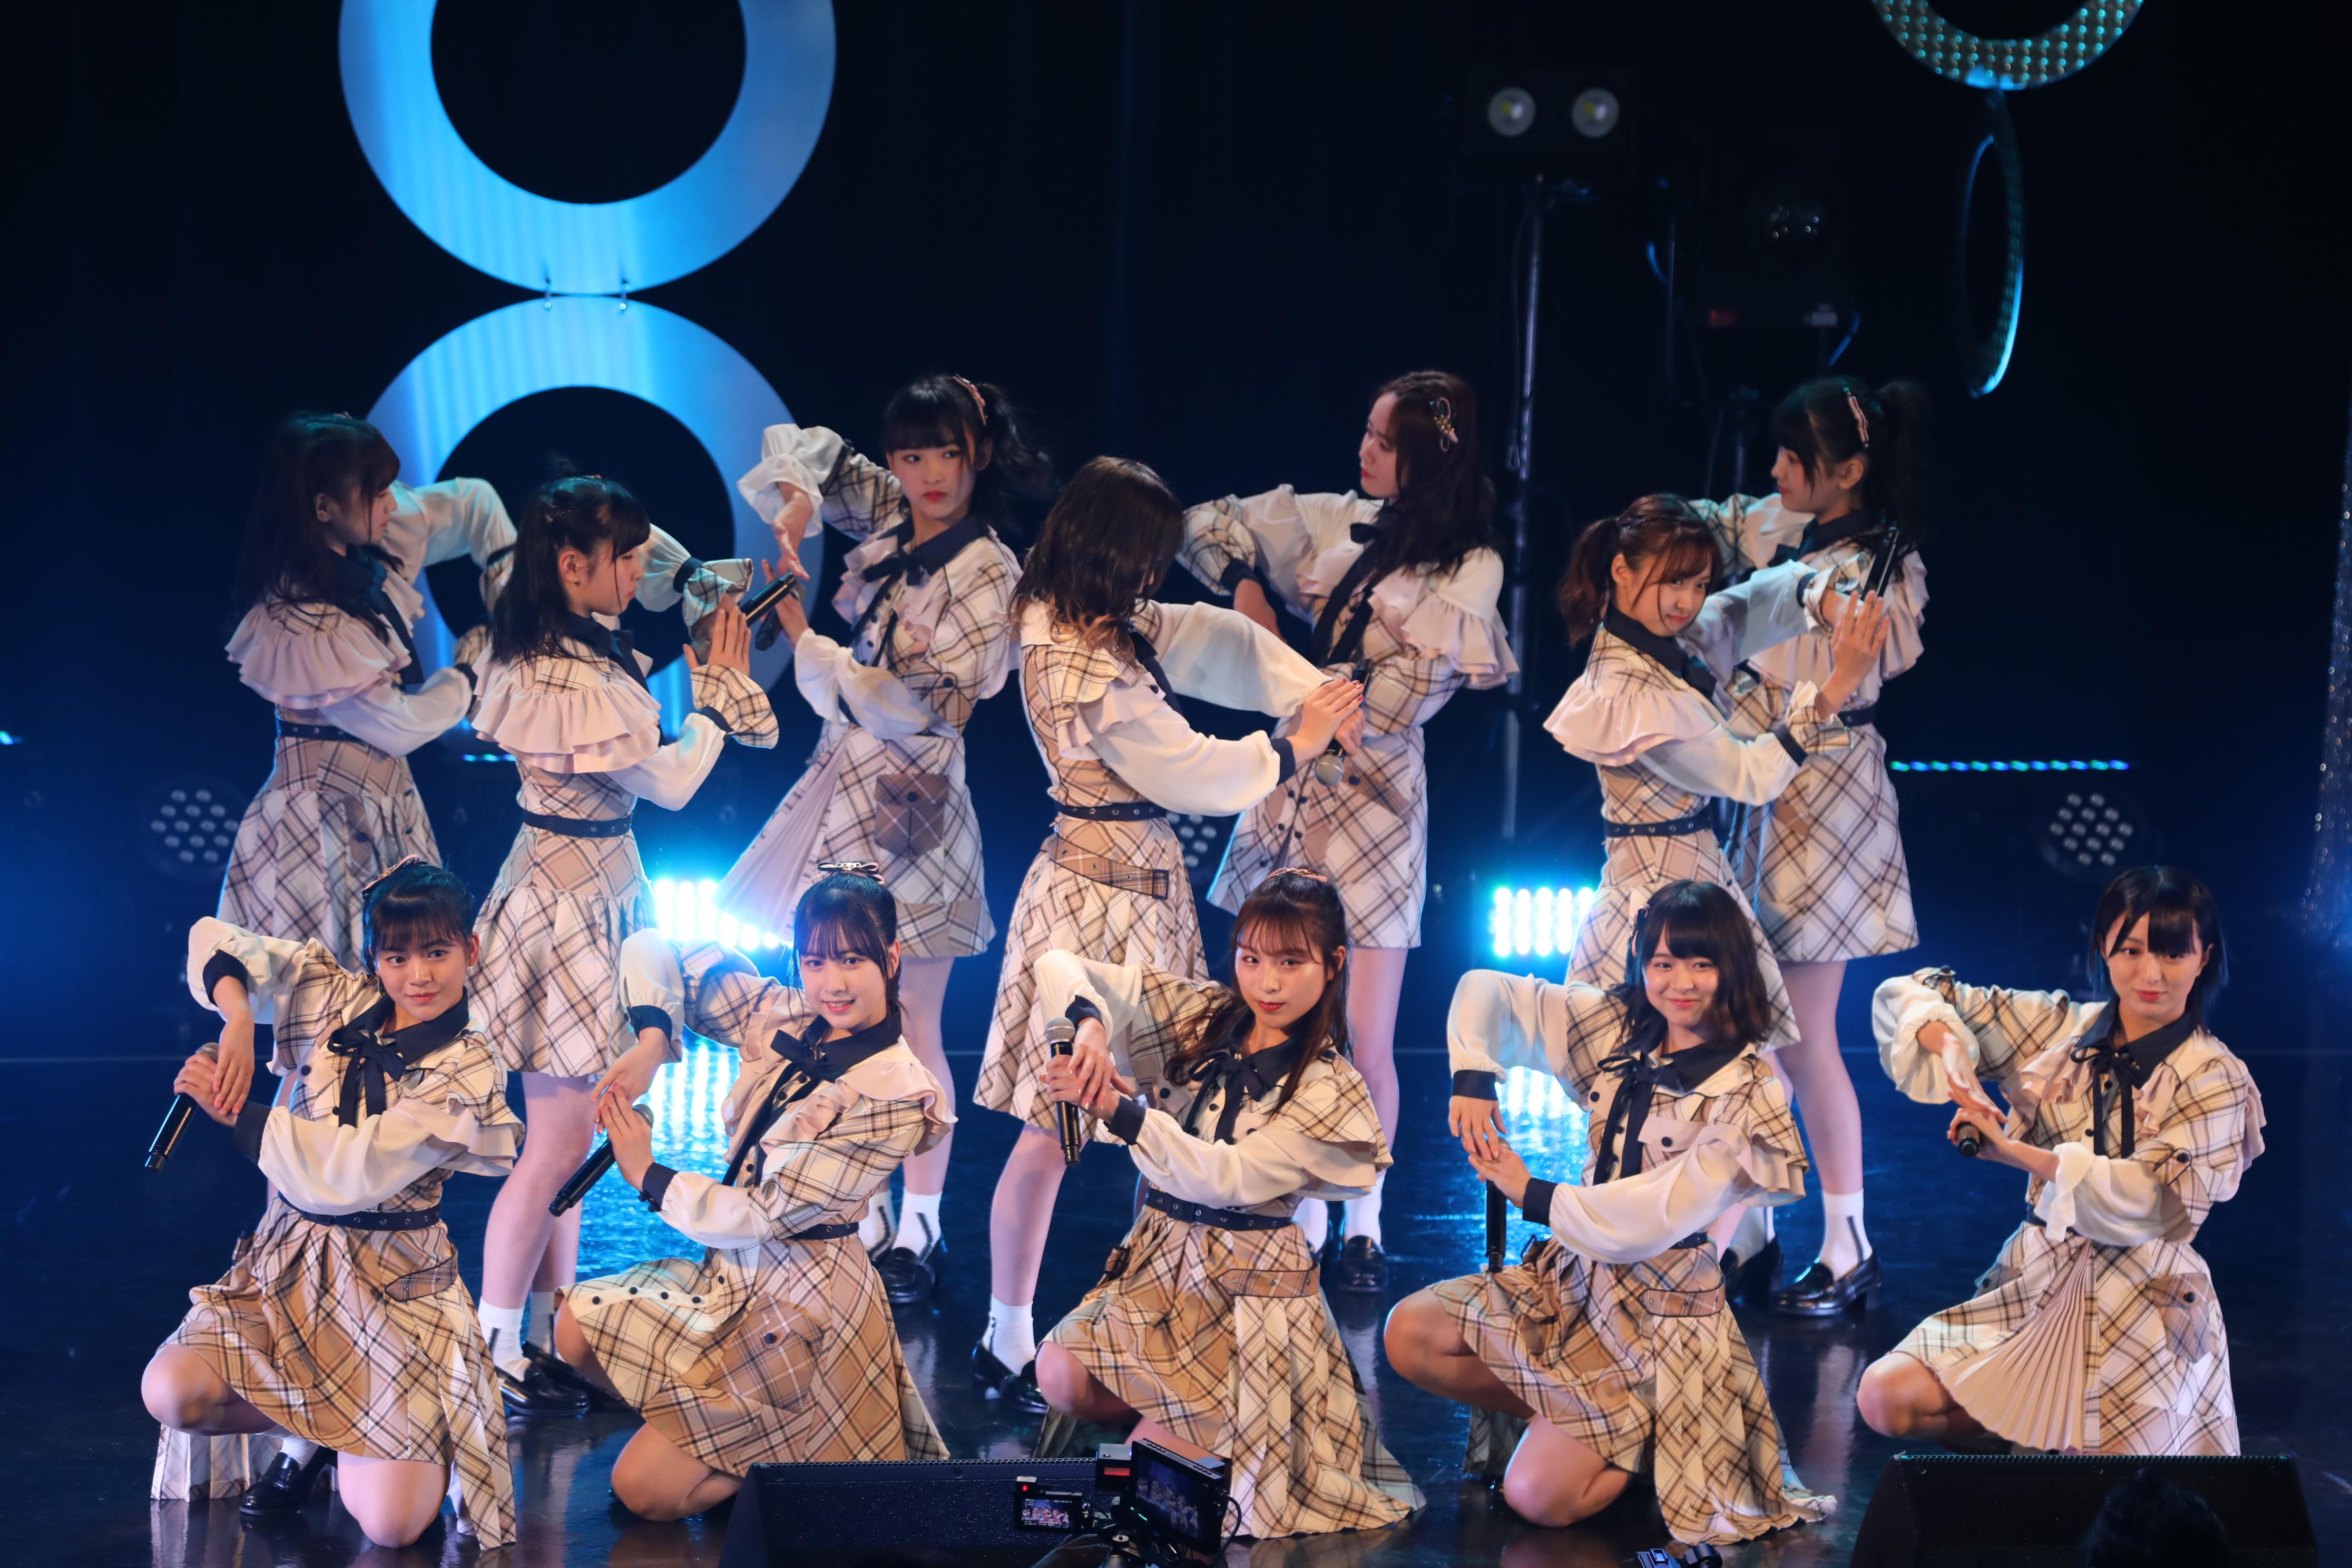 「@JAM 2019 Day2〜SUPER LIVE〜」で『蜂の巣ダンス』を披露するチーム8